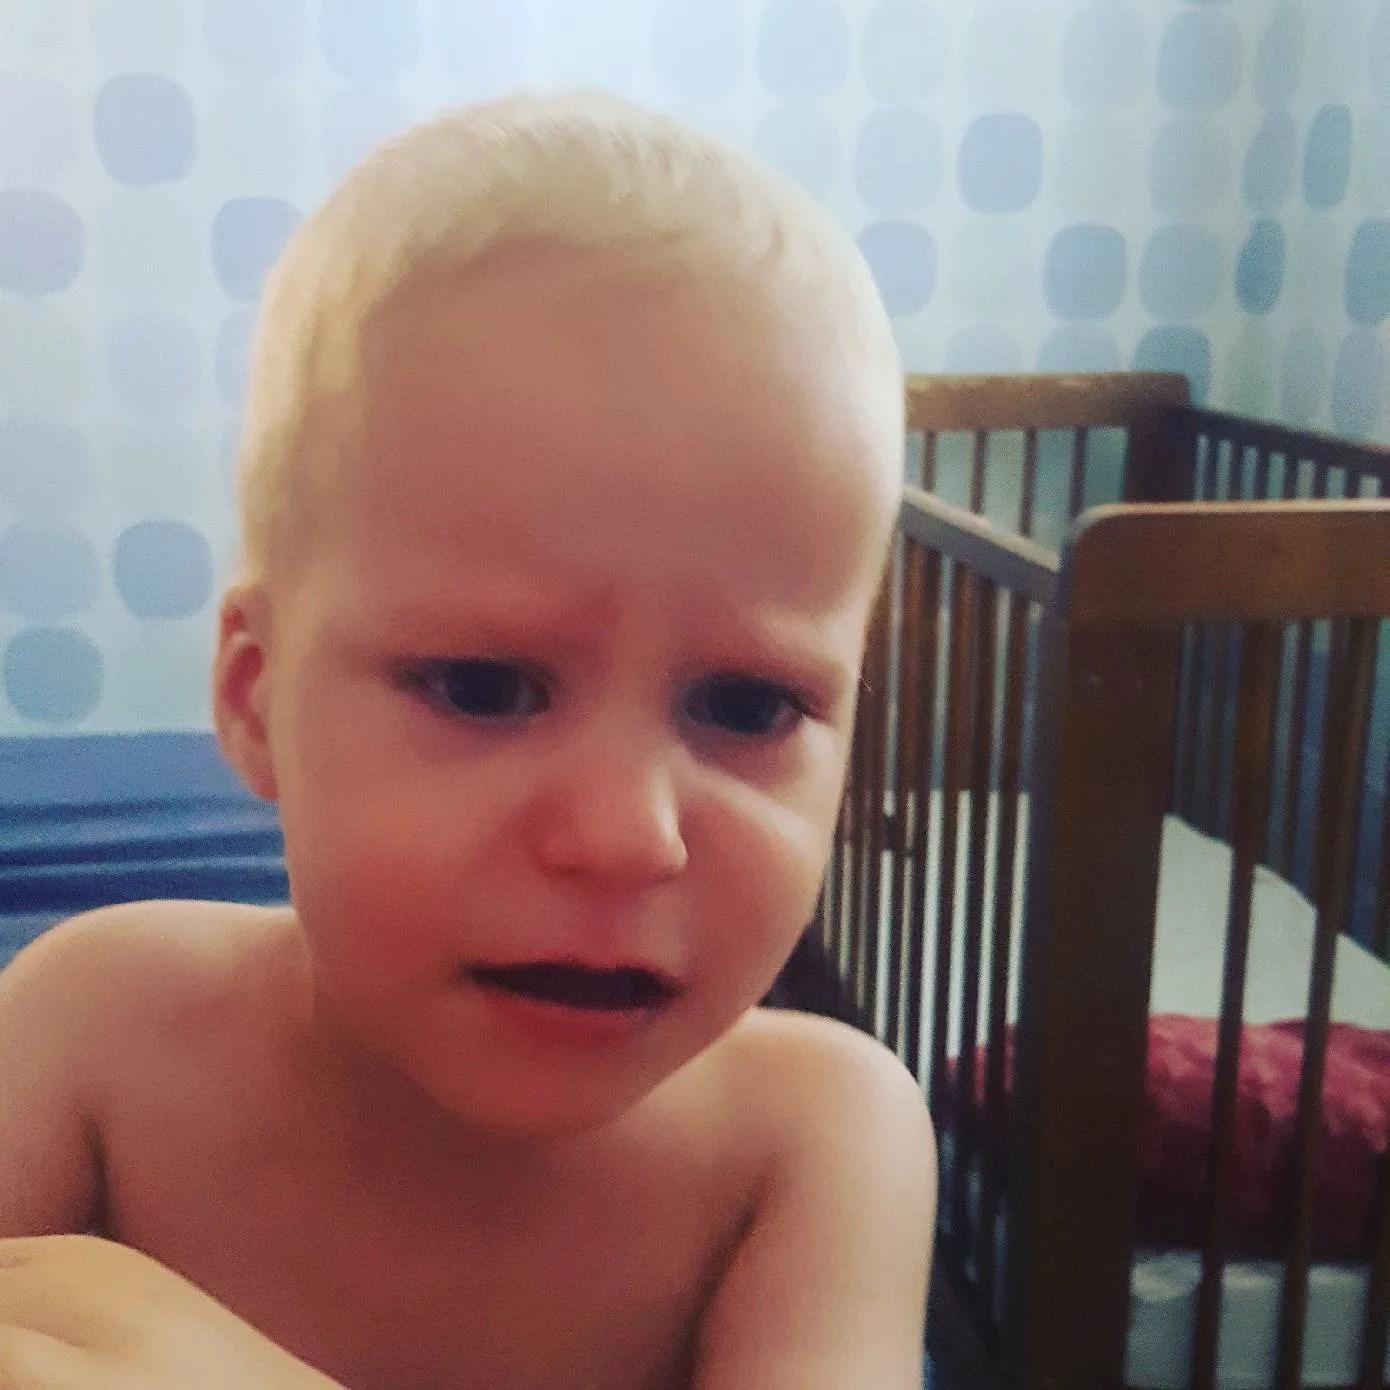 Trotsiga barn det bästa eller Inte!?